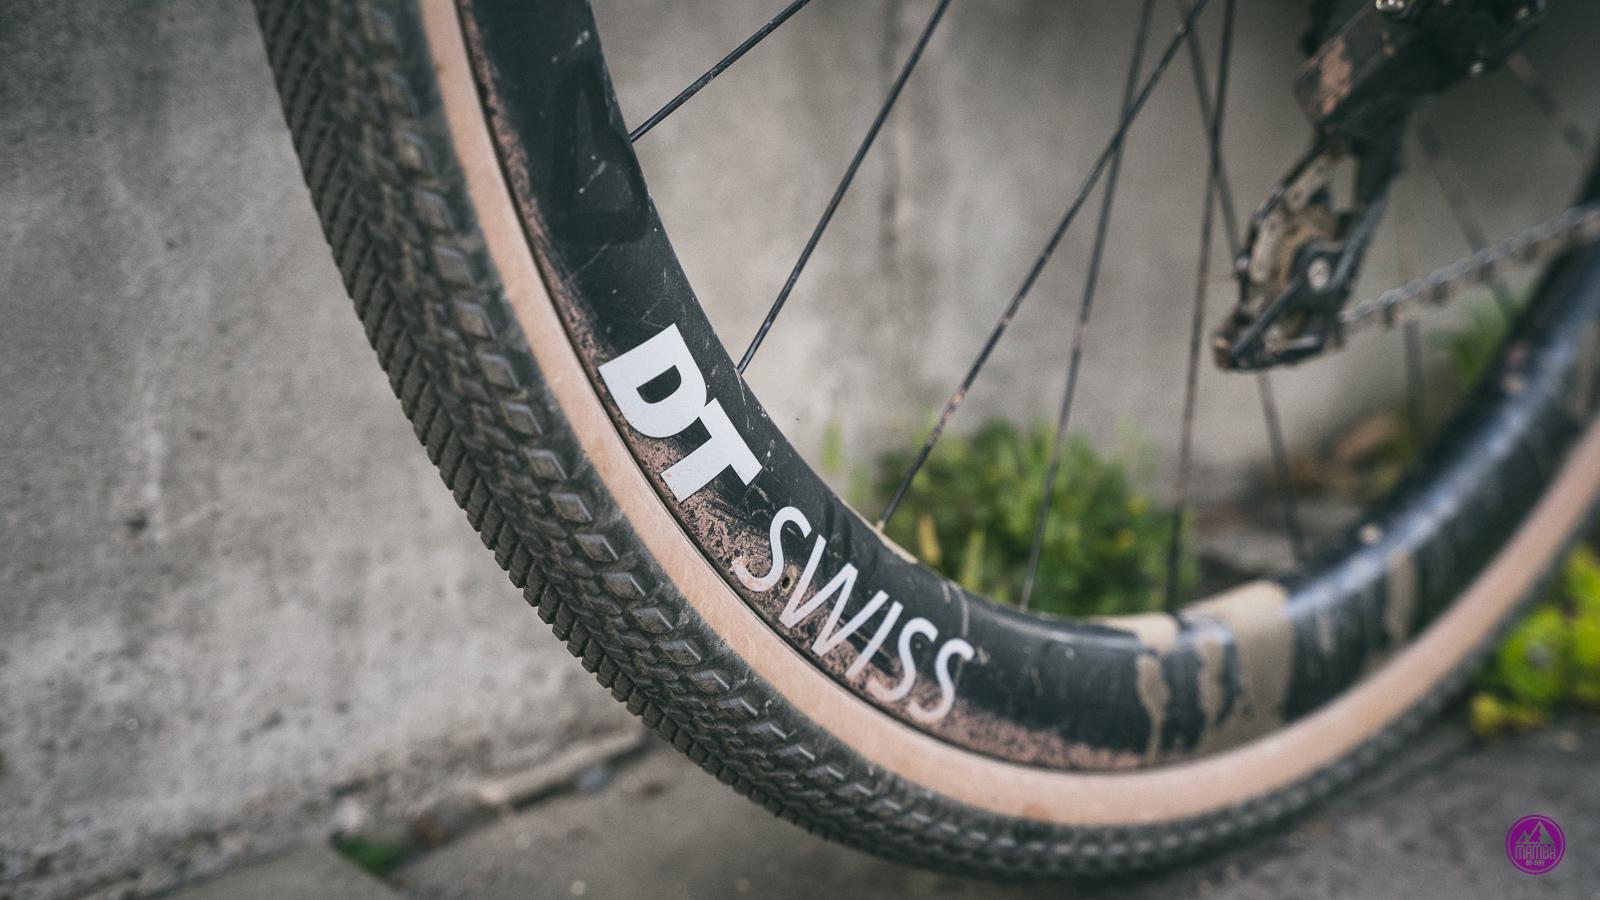 DT Swiss GRC 1400